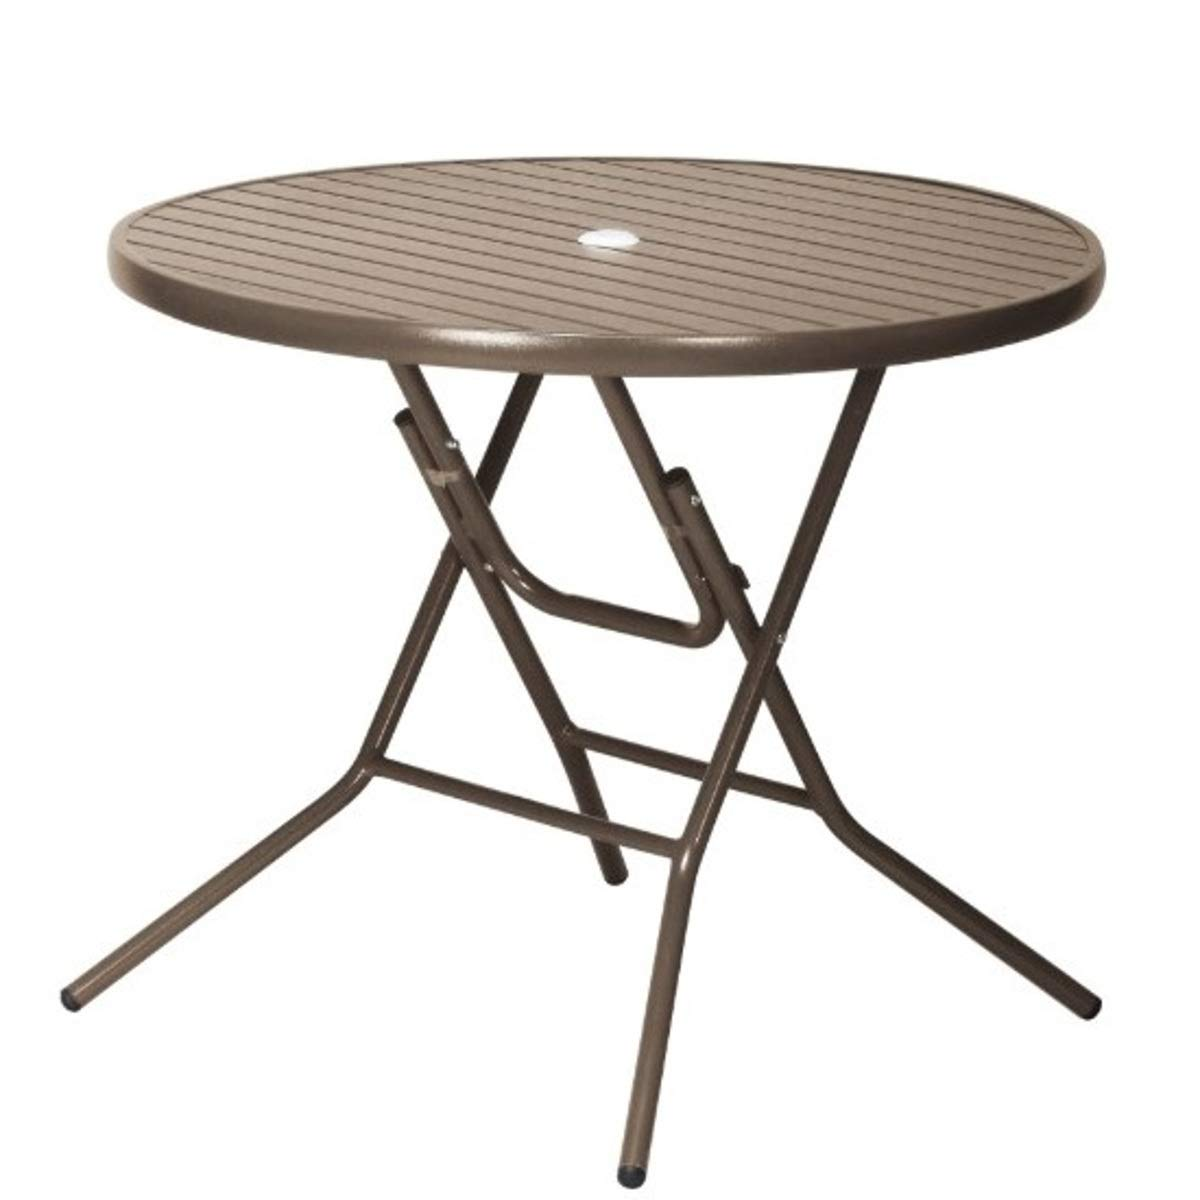 アルミ ガーデンテーブル 折りたたみ パラソル穴 店舗 オープンカフェ ブラウン B07GTM24RG ブラウン